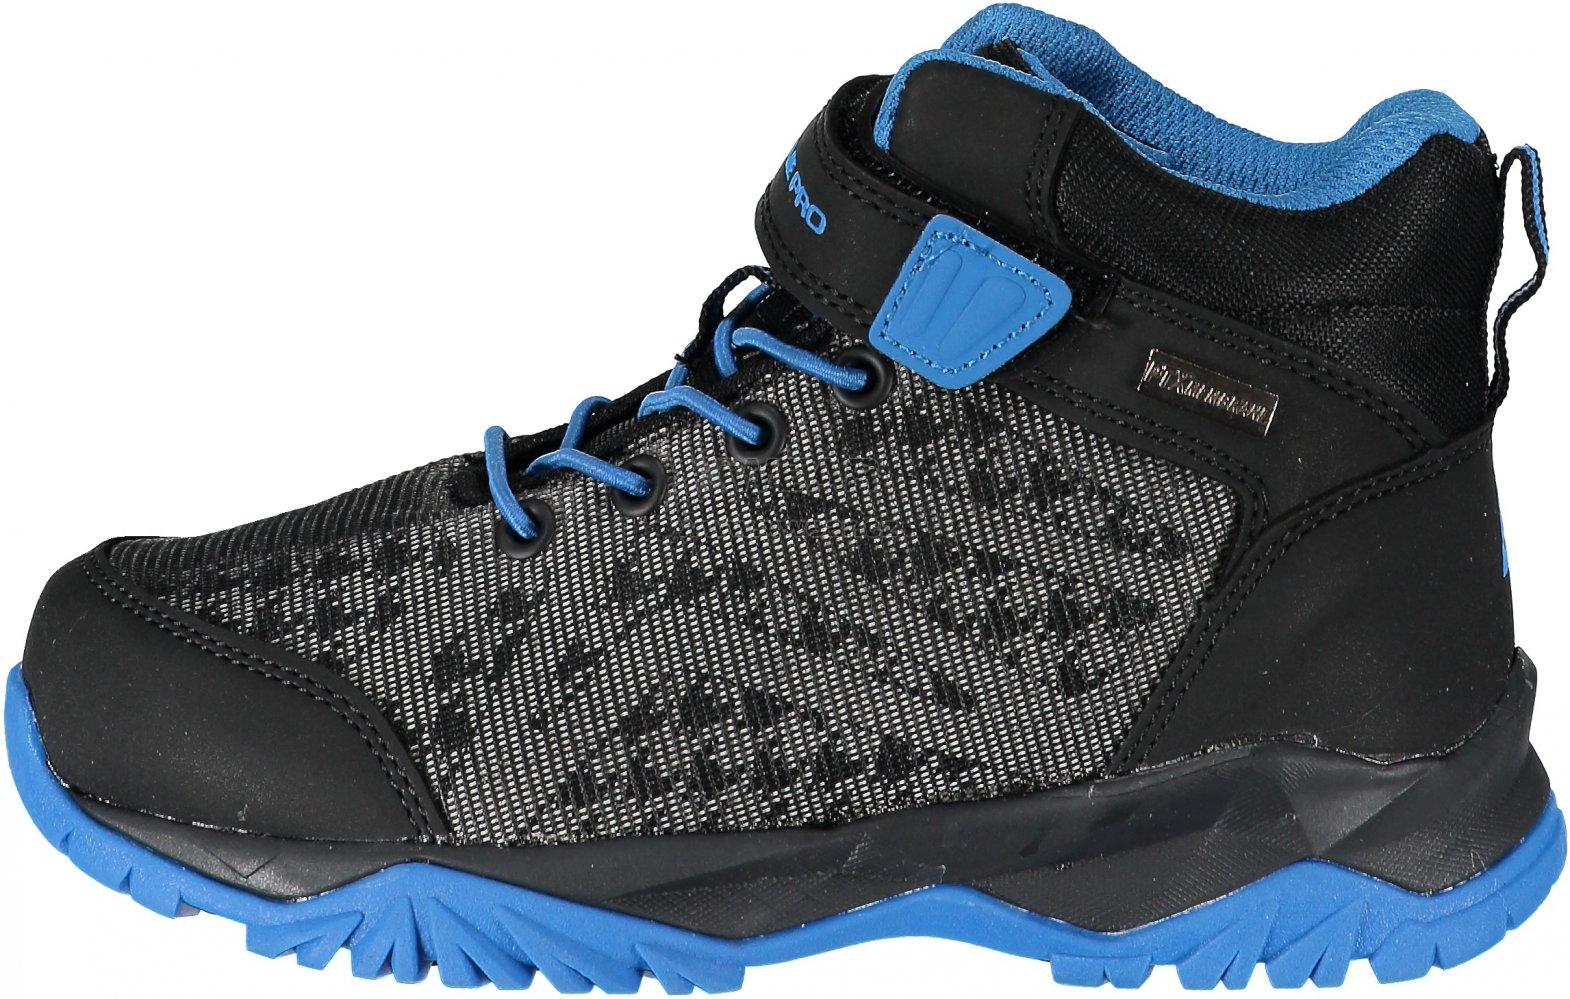 1241b3246de6 Dětská turistická obuv ALPINE PRO UGO KBTM171 MODRÁ velikost  28 ...